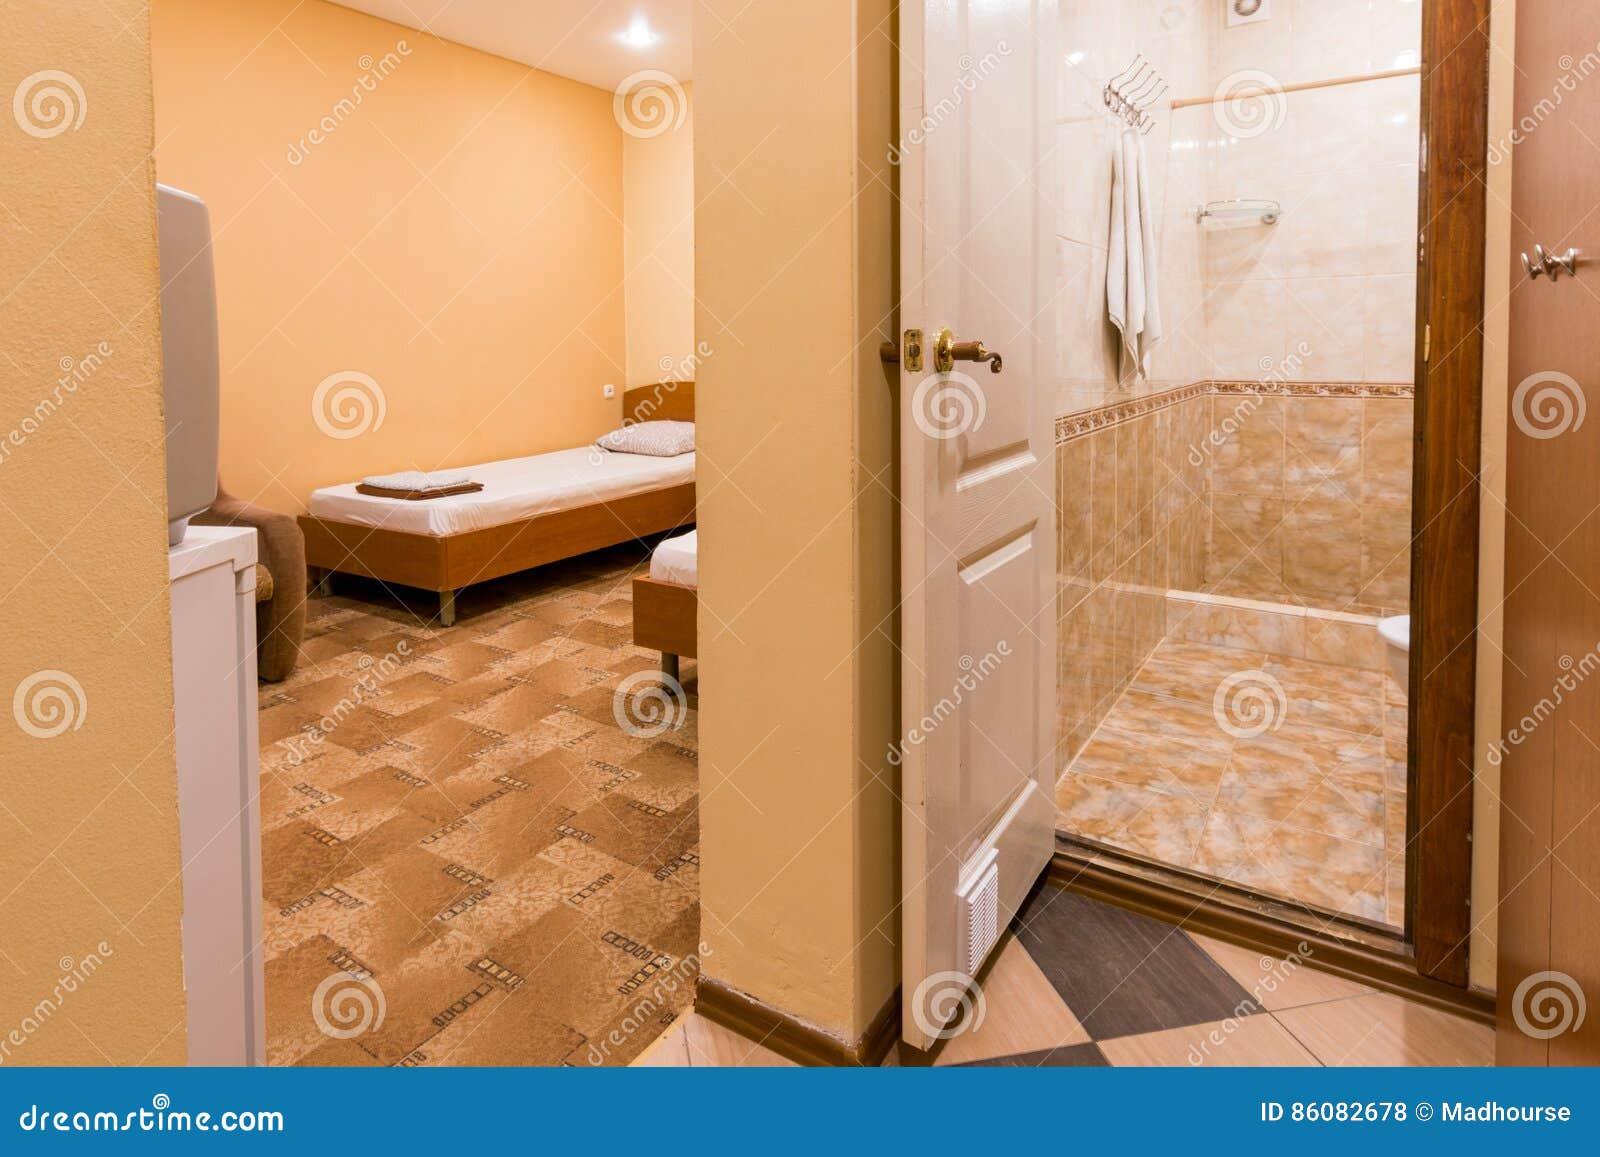 El Interior Del Pequeño Cuarto, Entrada Al Cuarto Y Cuarto De Baño ...